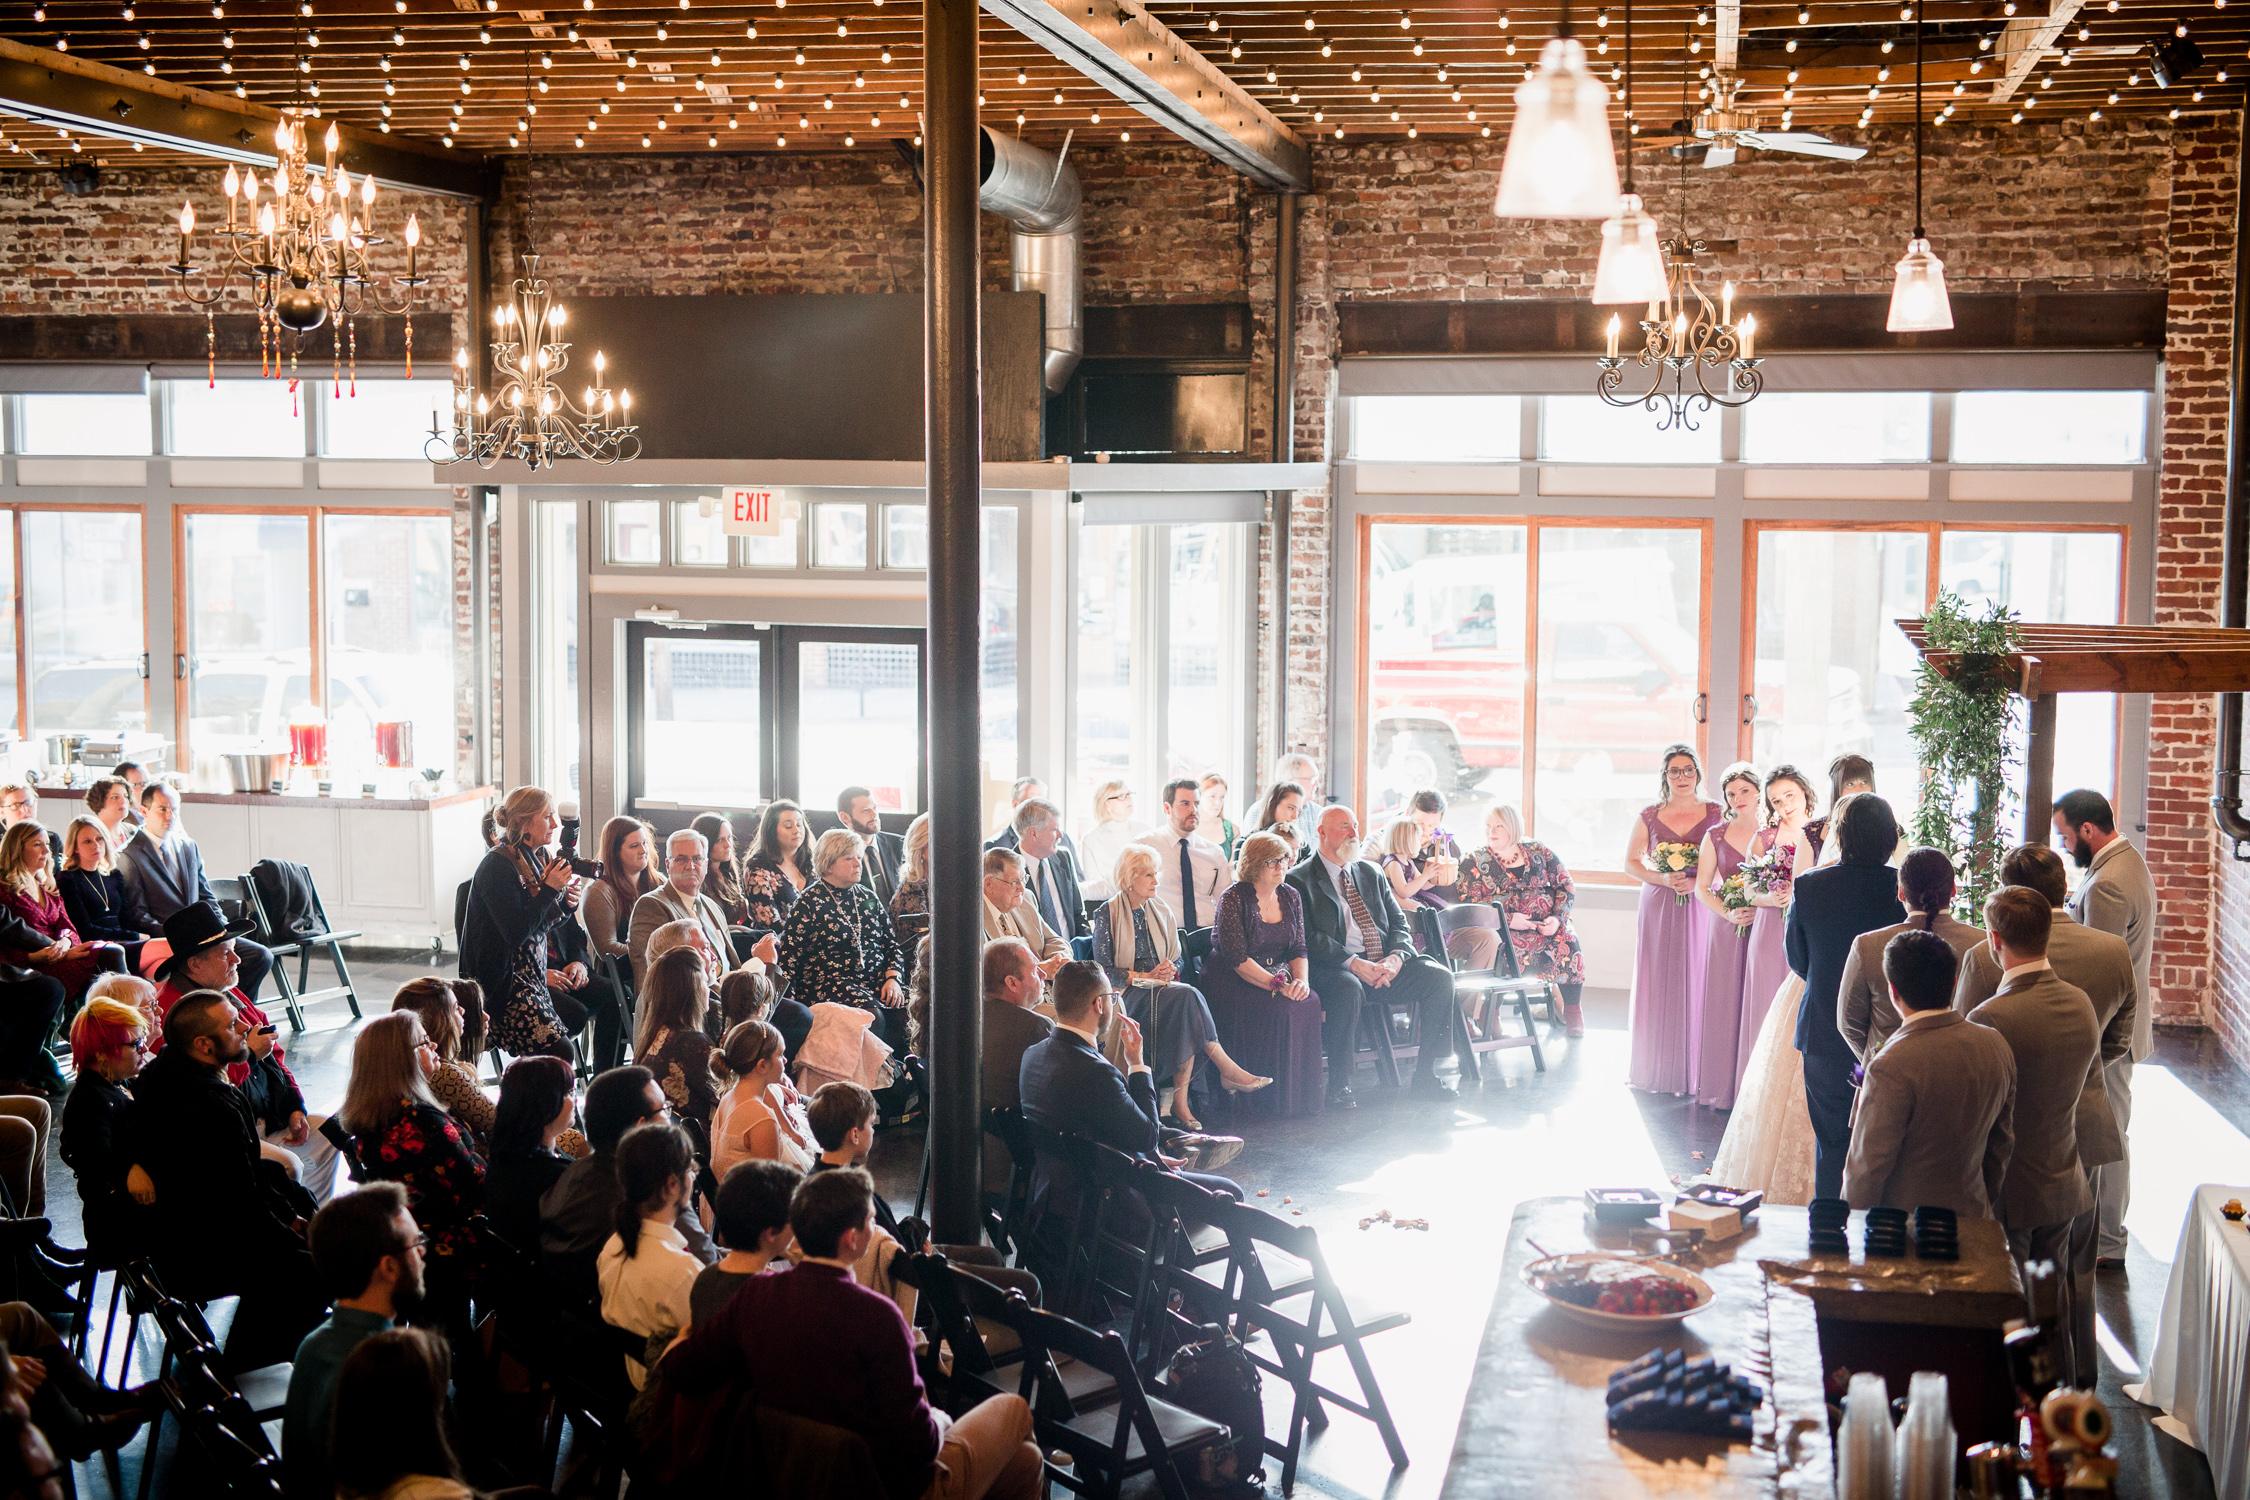 Downtown Knoxville Wedding Venue // Central Avenue Reception // Bridesmaids // Indoor Ceremony